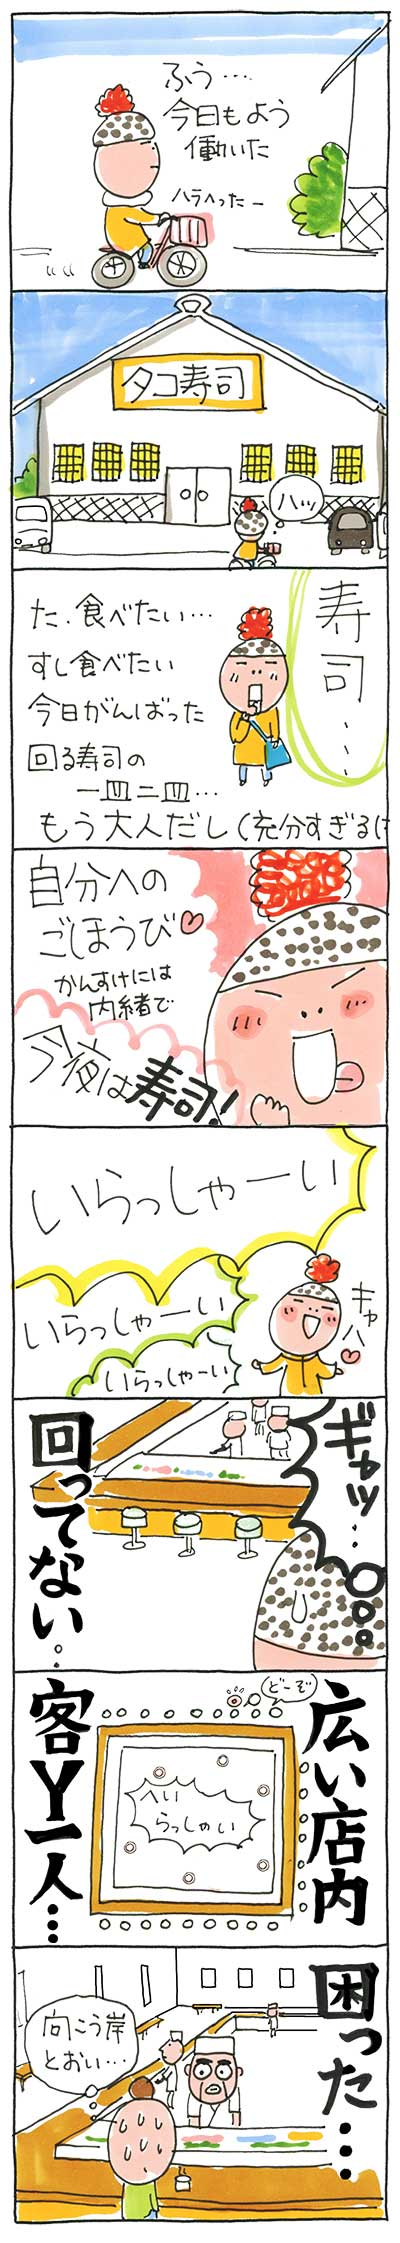 160115寿司その1